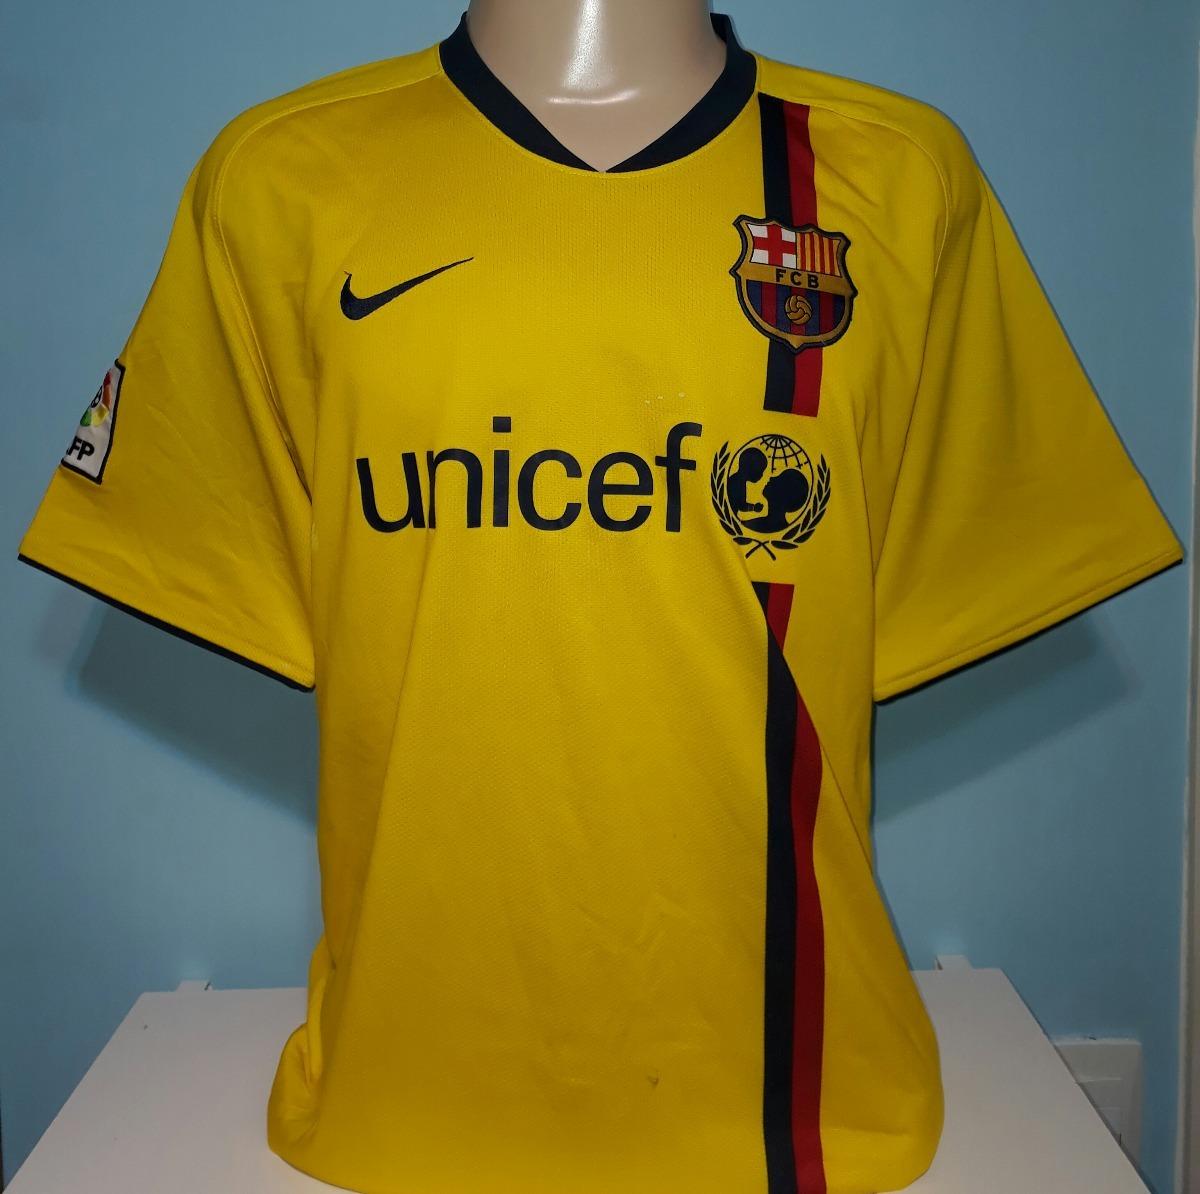 Camisa Do Barcelona Amarela 2008 Orig Nike Ótimo Estado - 18 - R ... 5977dc26583f2